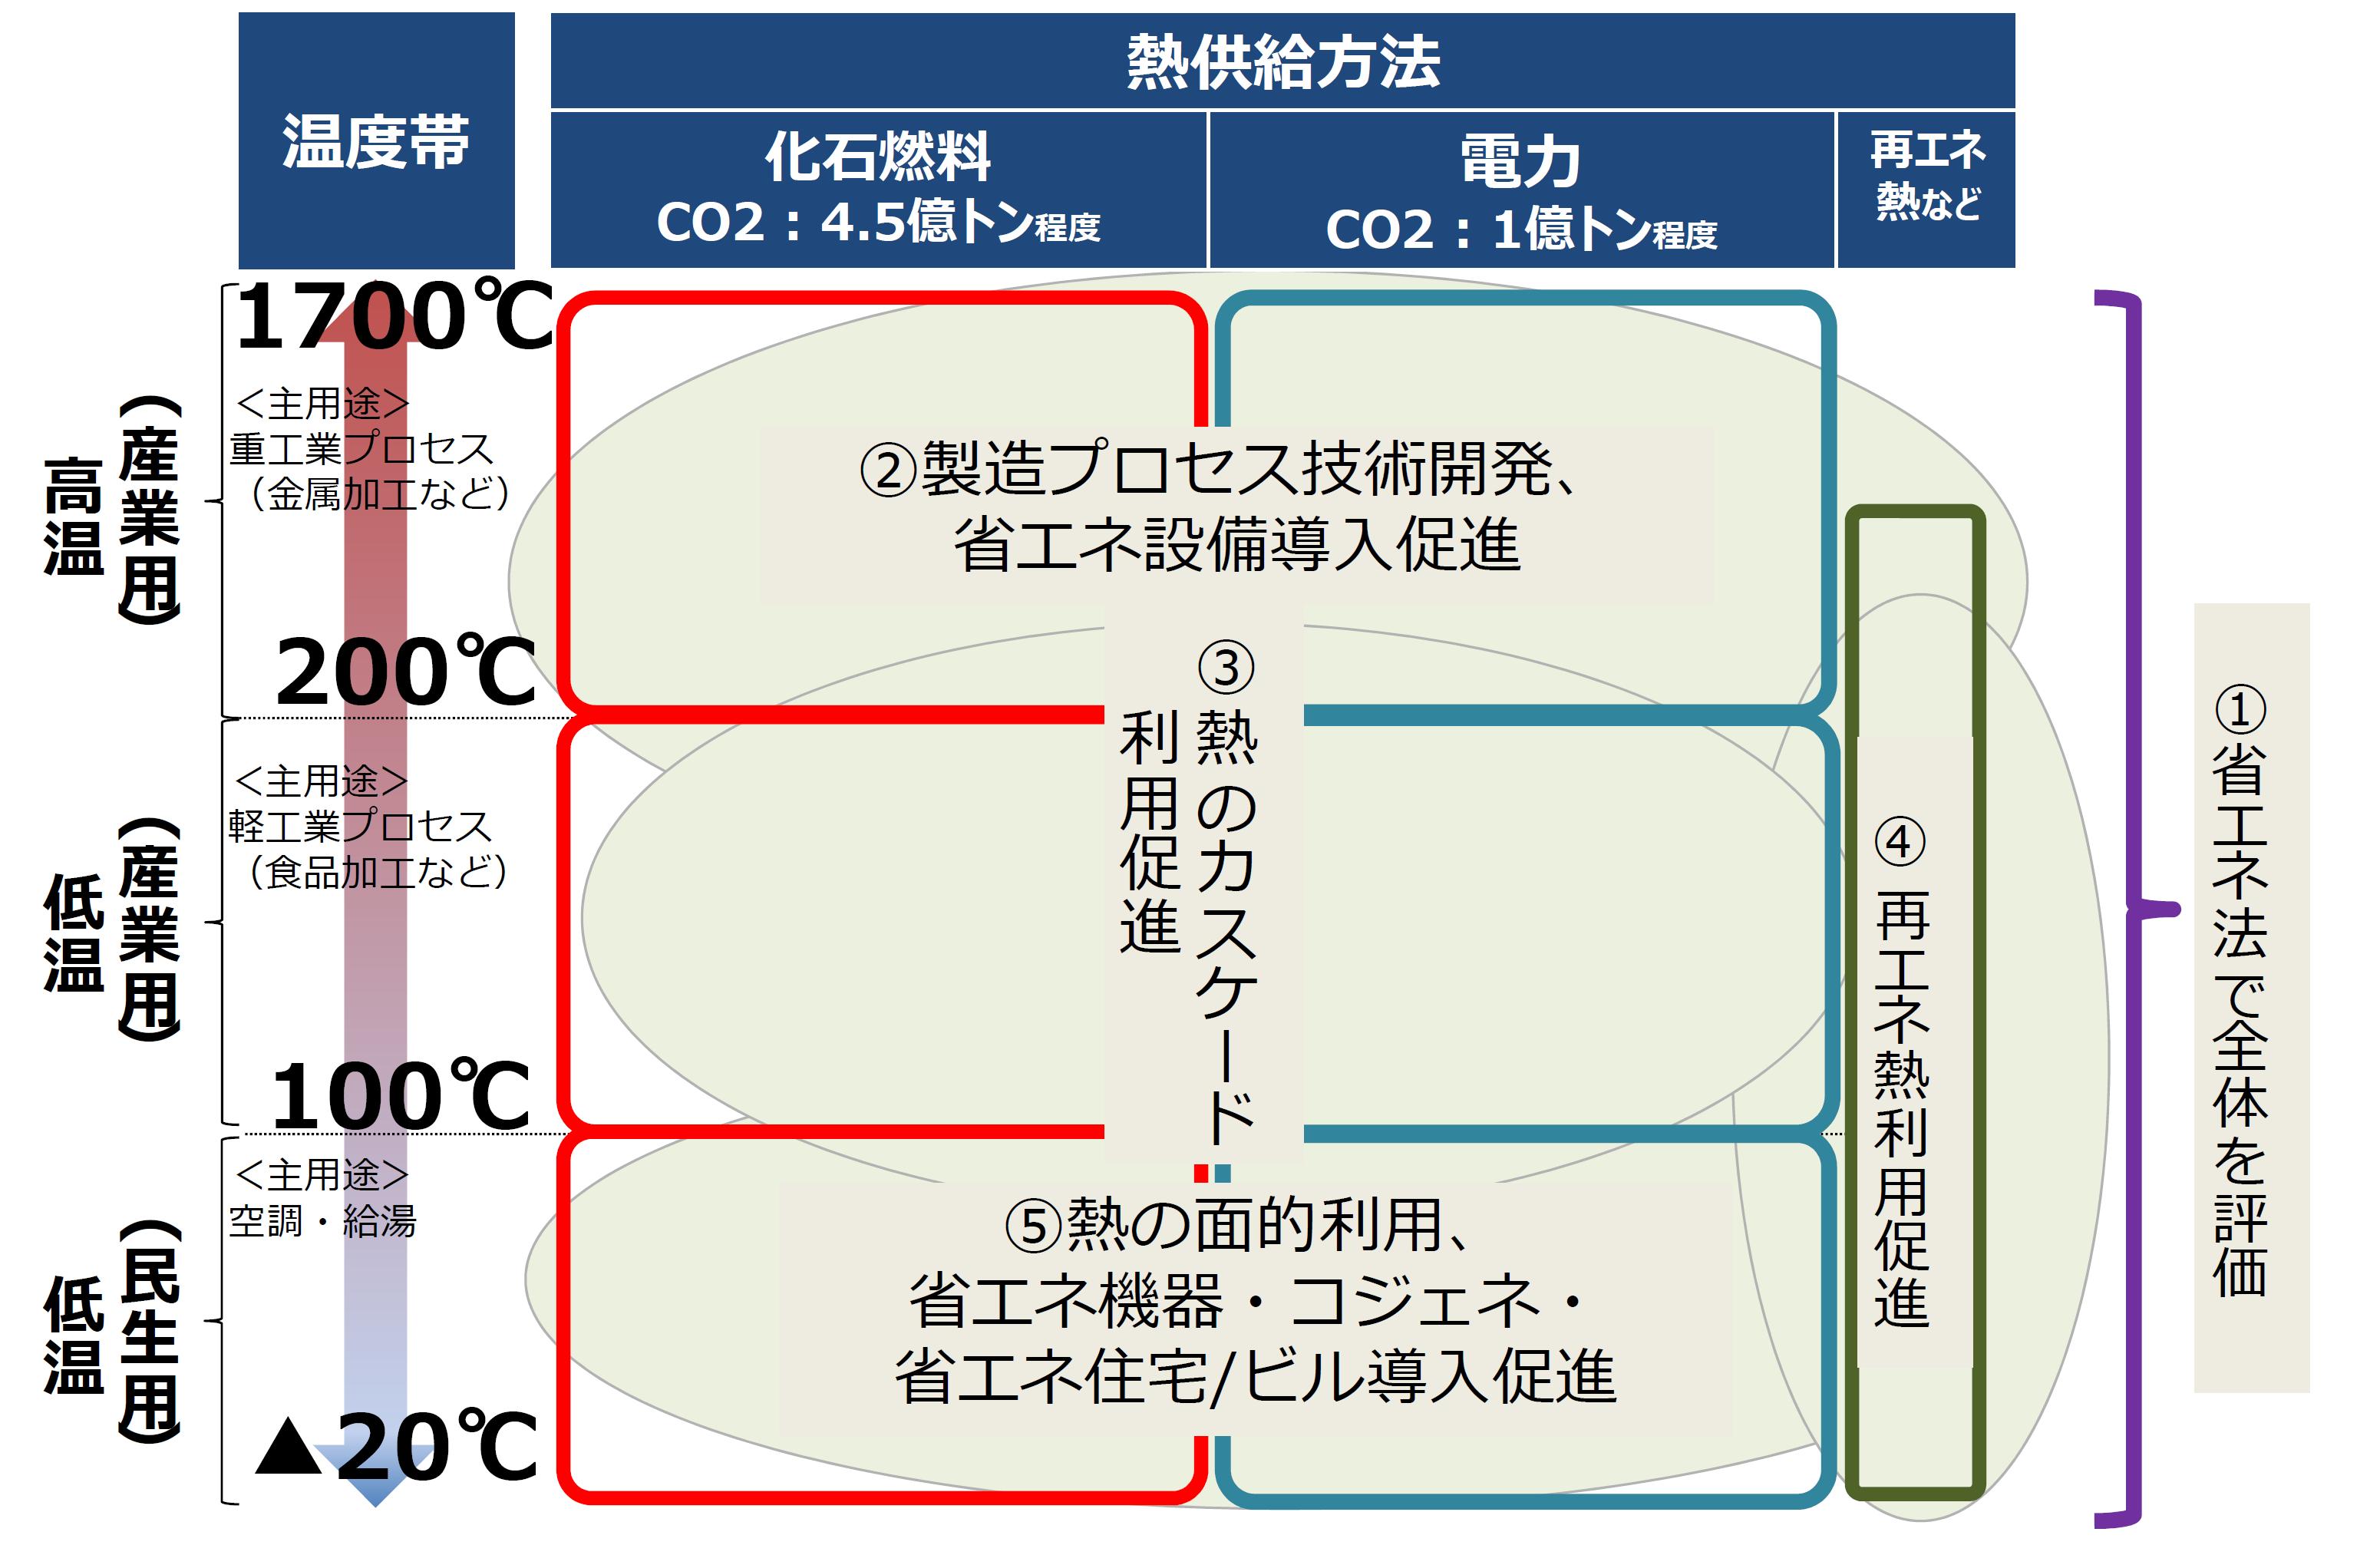 熱の効率的な利用に必要な方法を示した表です。